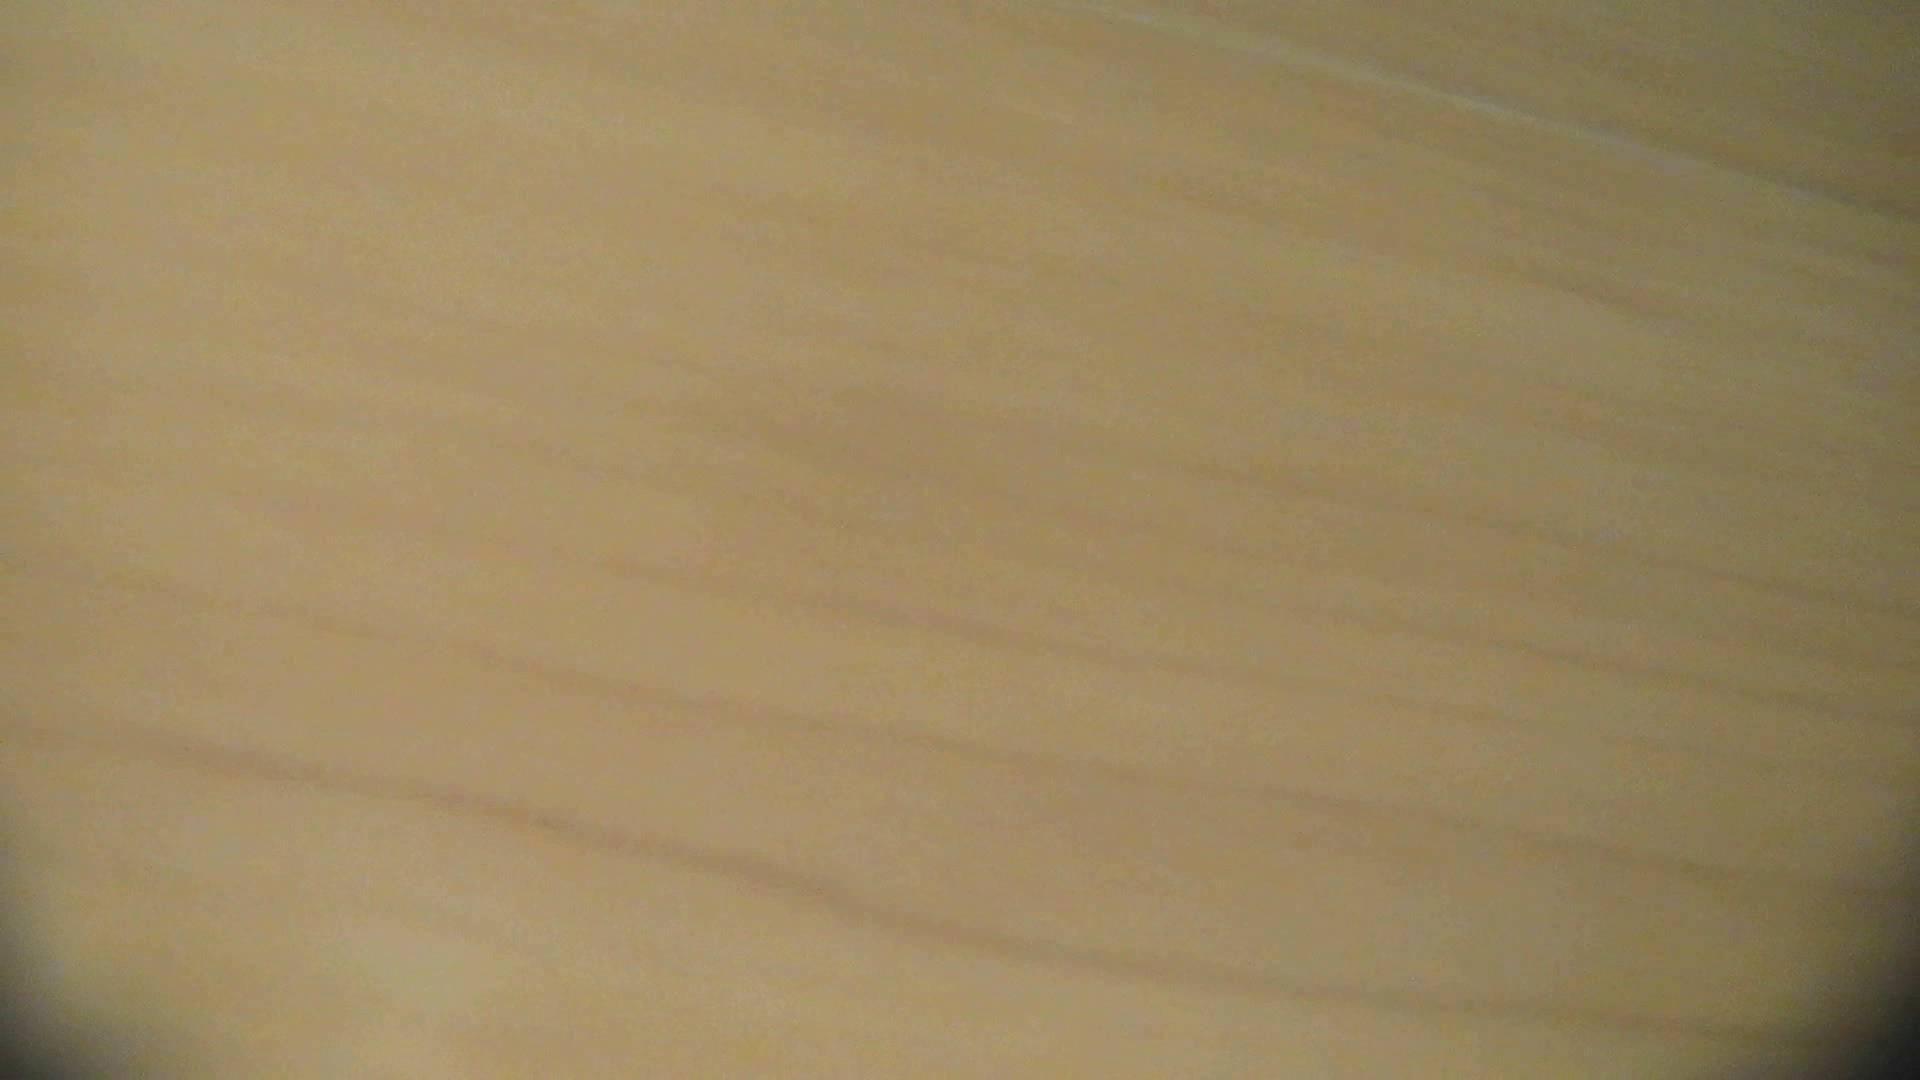 阿国ちゃんの「和式洋式七変化」No.14 洗面所   和式で踏ん張り中  74連発 23